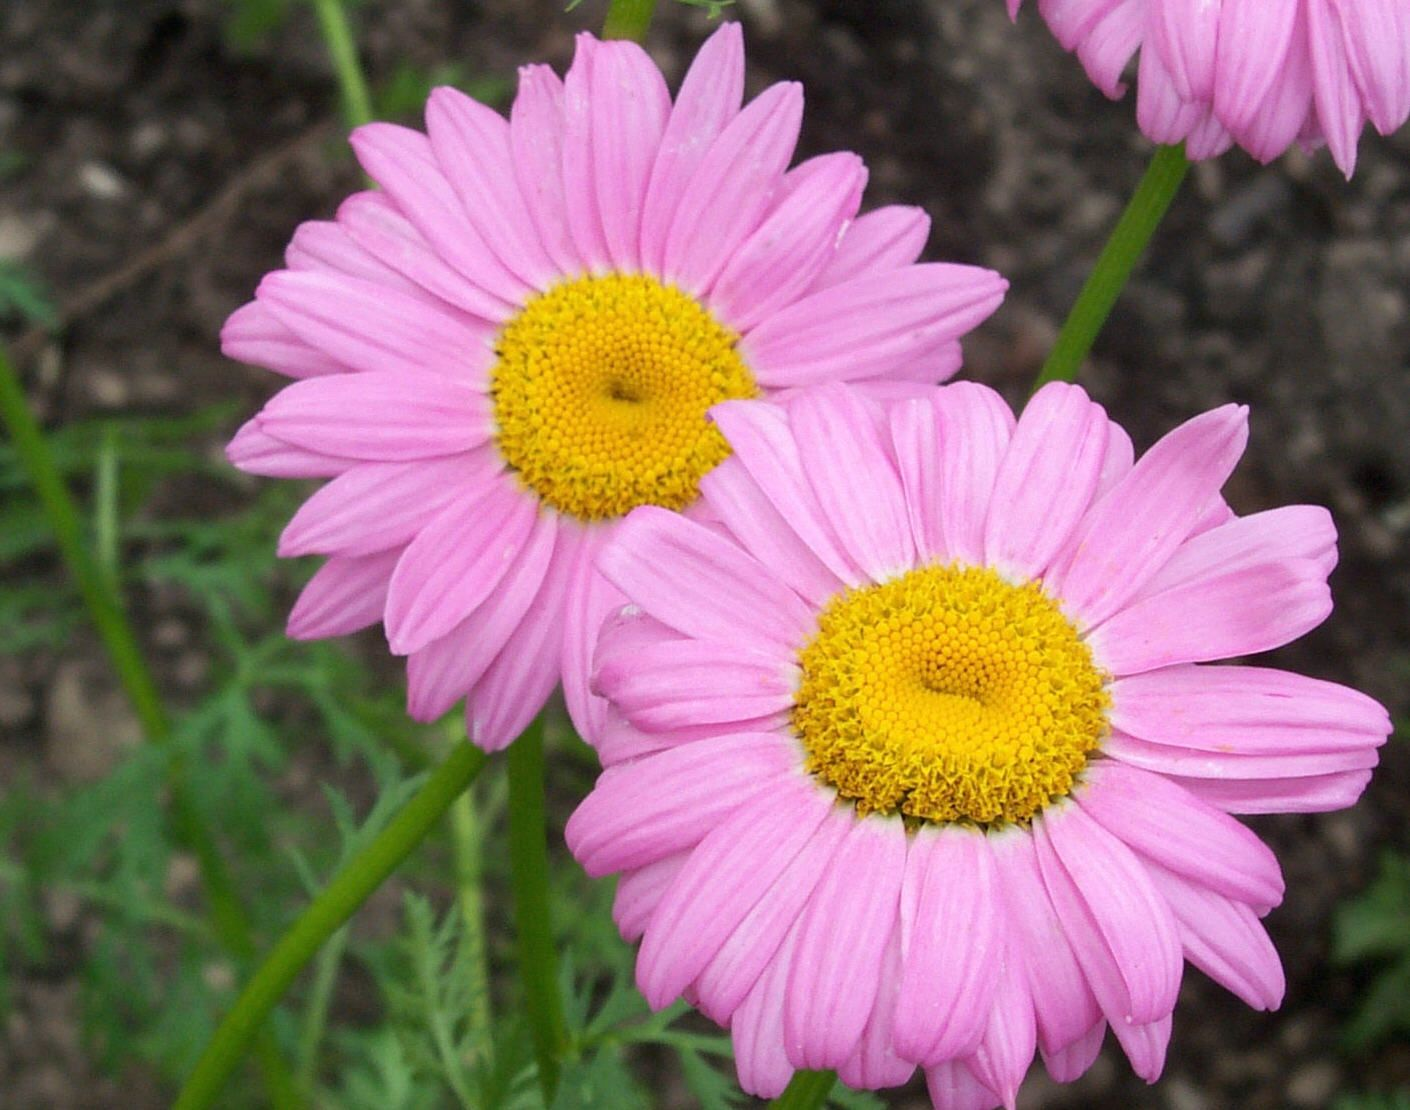 Daisys daisy photo daisy pic daisy image daisys so pretty daisys daisy photo daisy pic daisy image izmirmasajfo